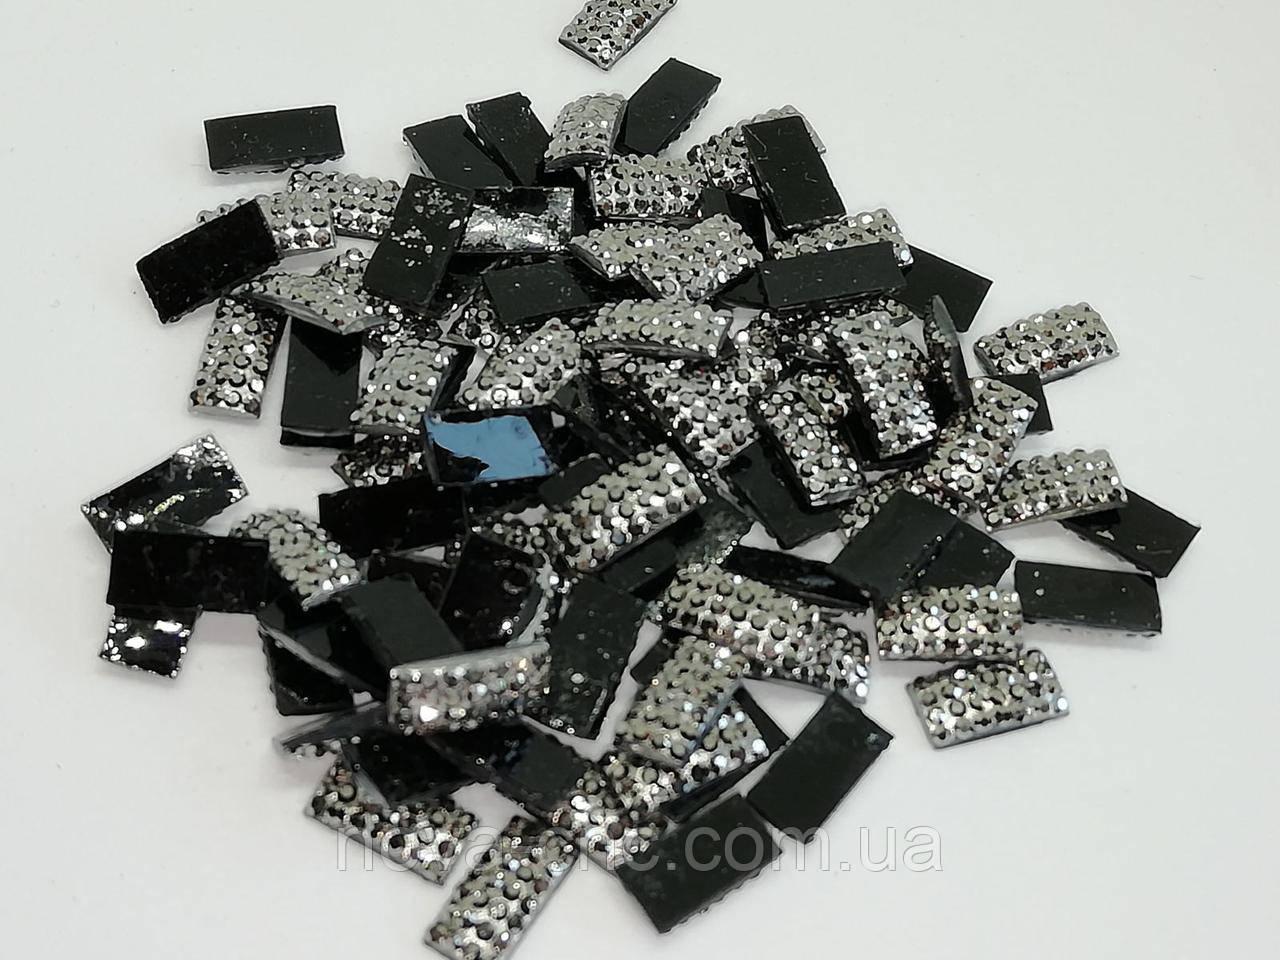 Клеевые кабошоны, Цвет: Черный с серебром, 10 х 4 мм 1000 шт уп